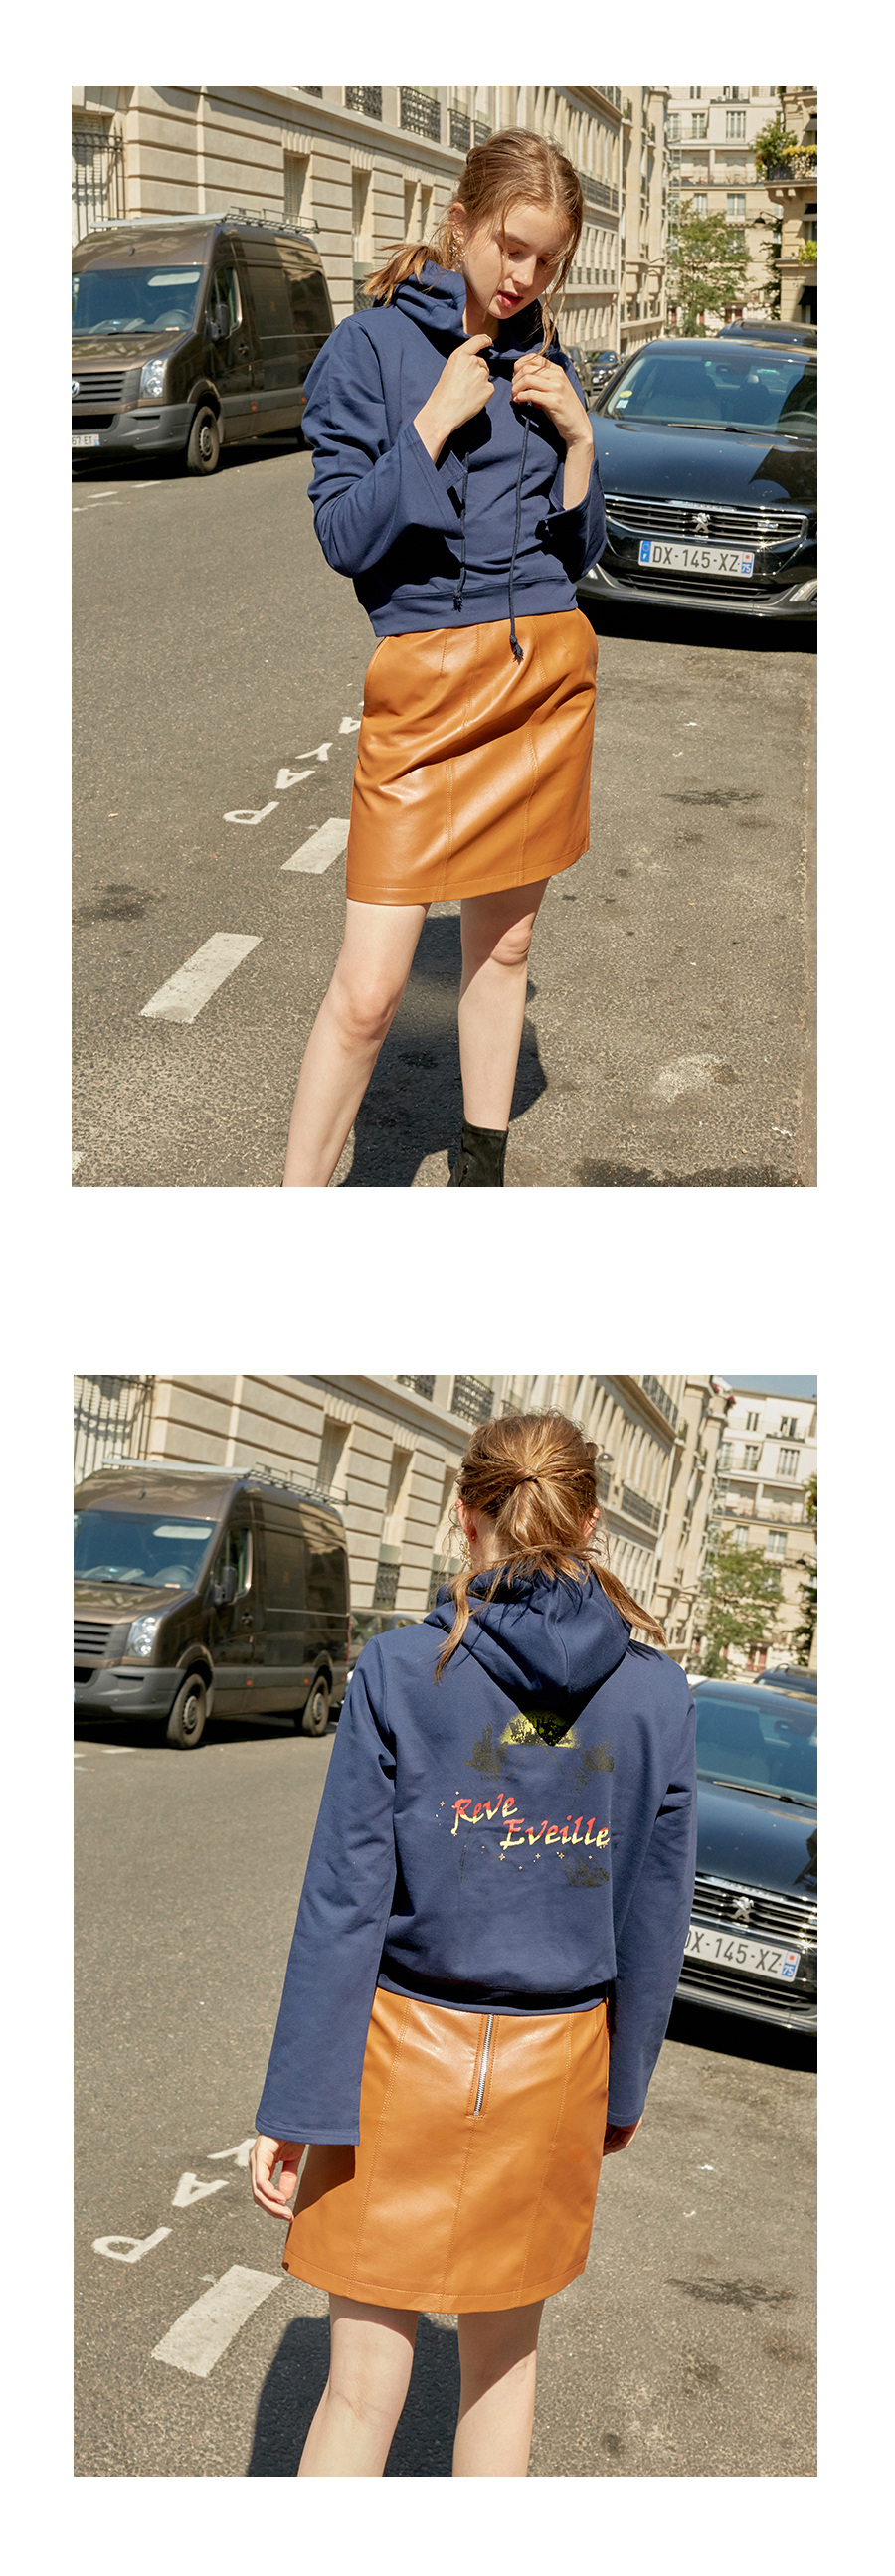 레이브(RAIVE) Cropped Hoodie Sweatshirt (Grey)_VW8AE0620